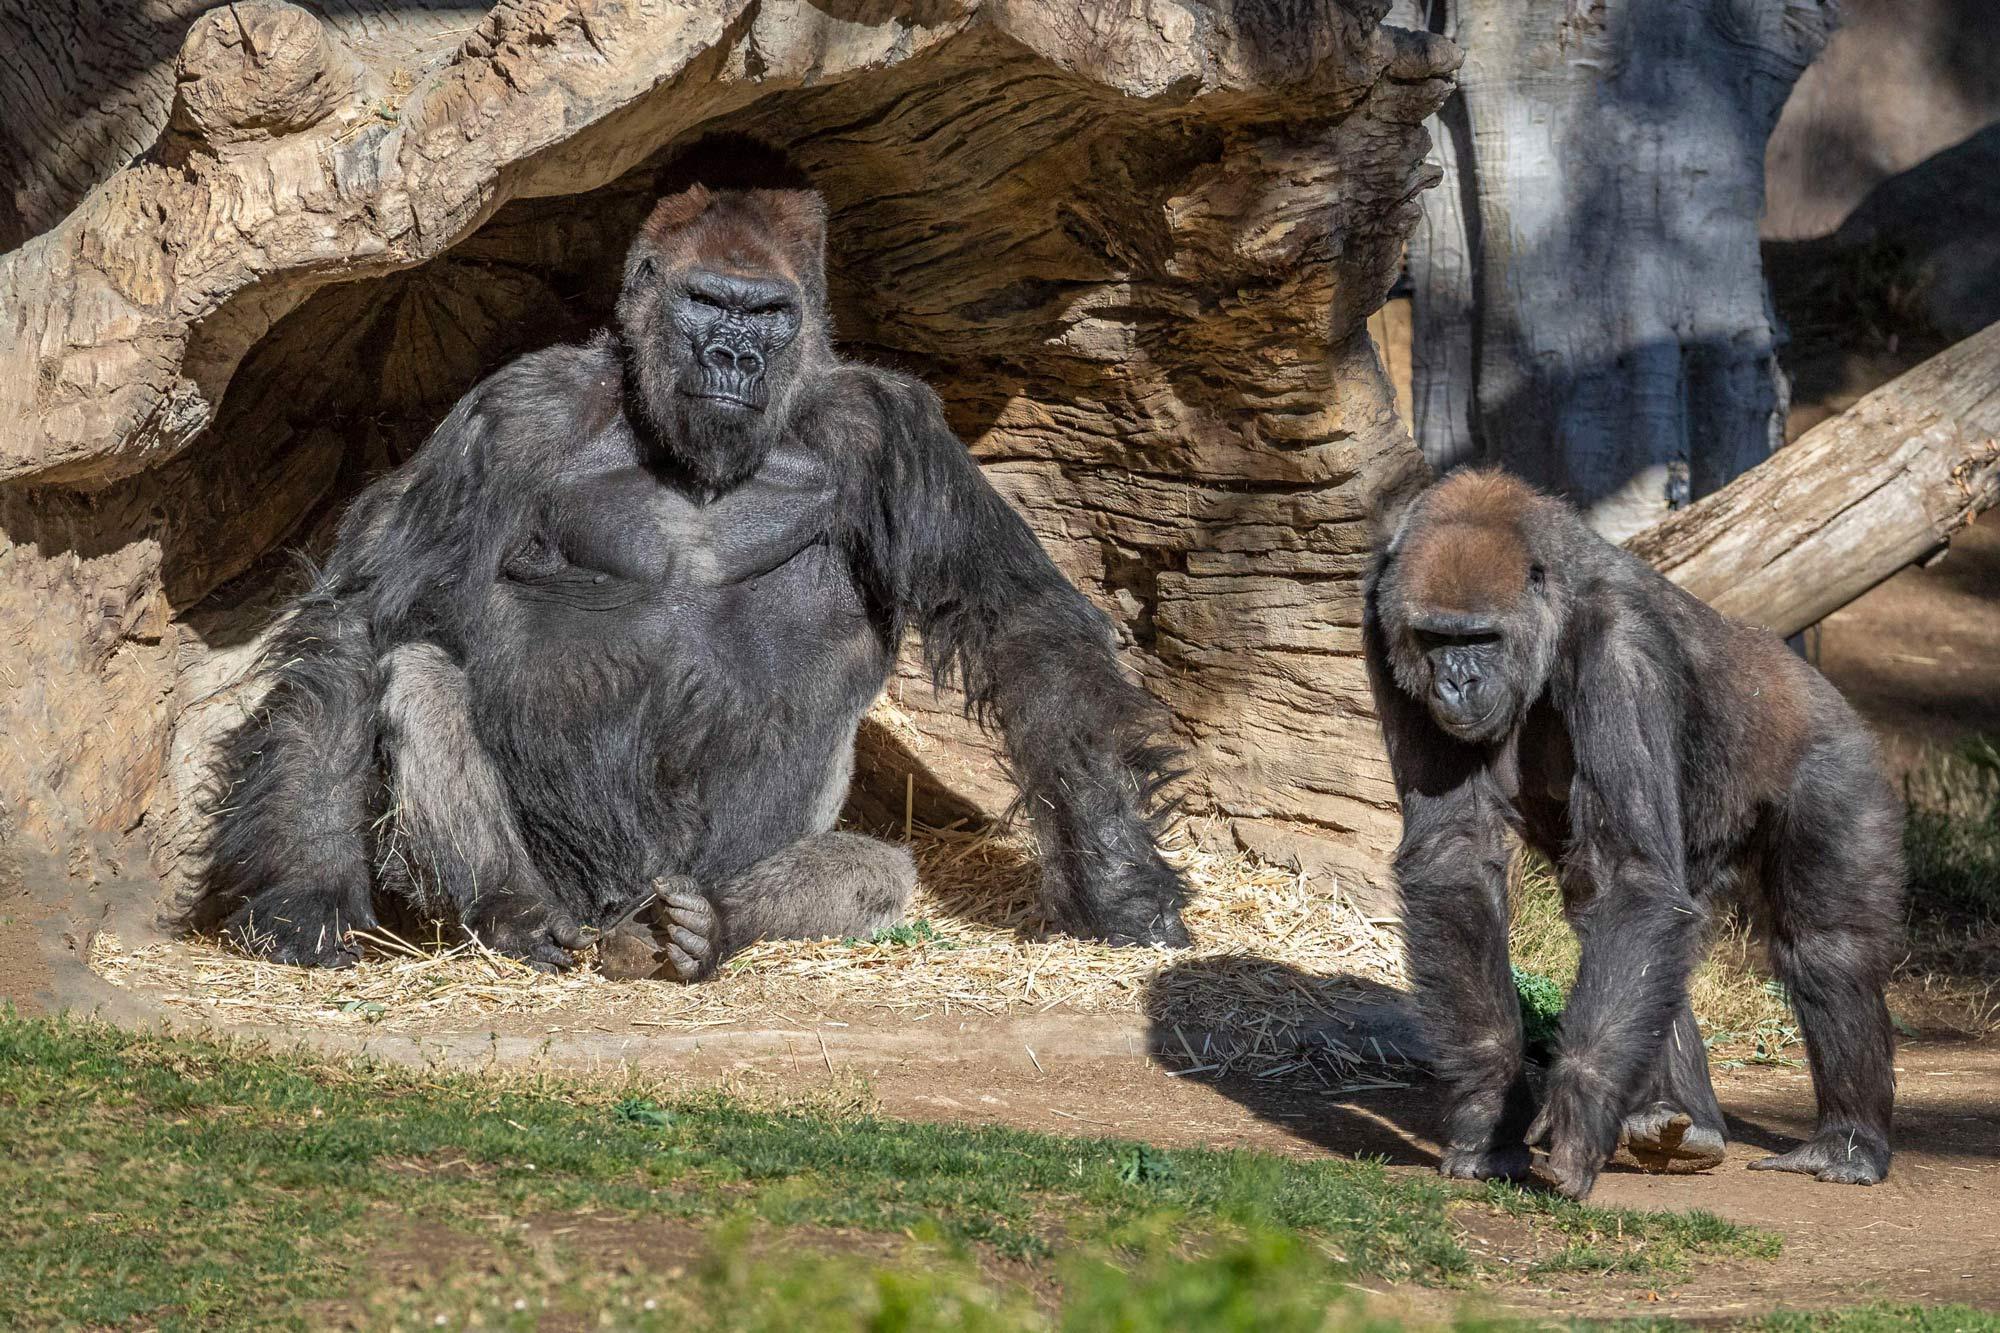 From Ken Bohn/San Diego Zoo